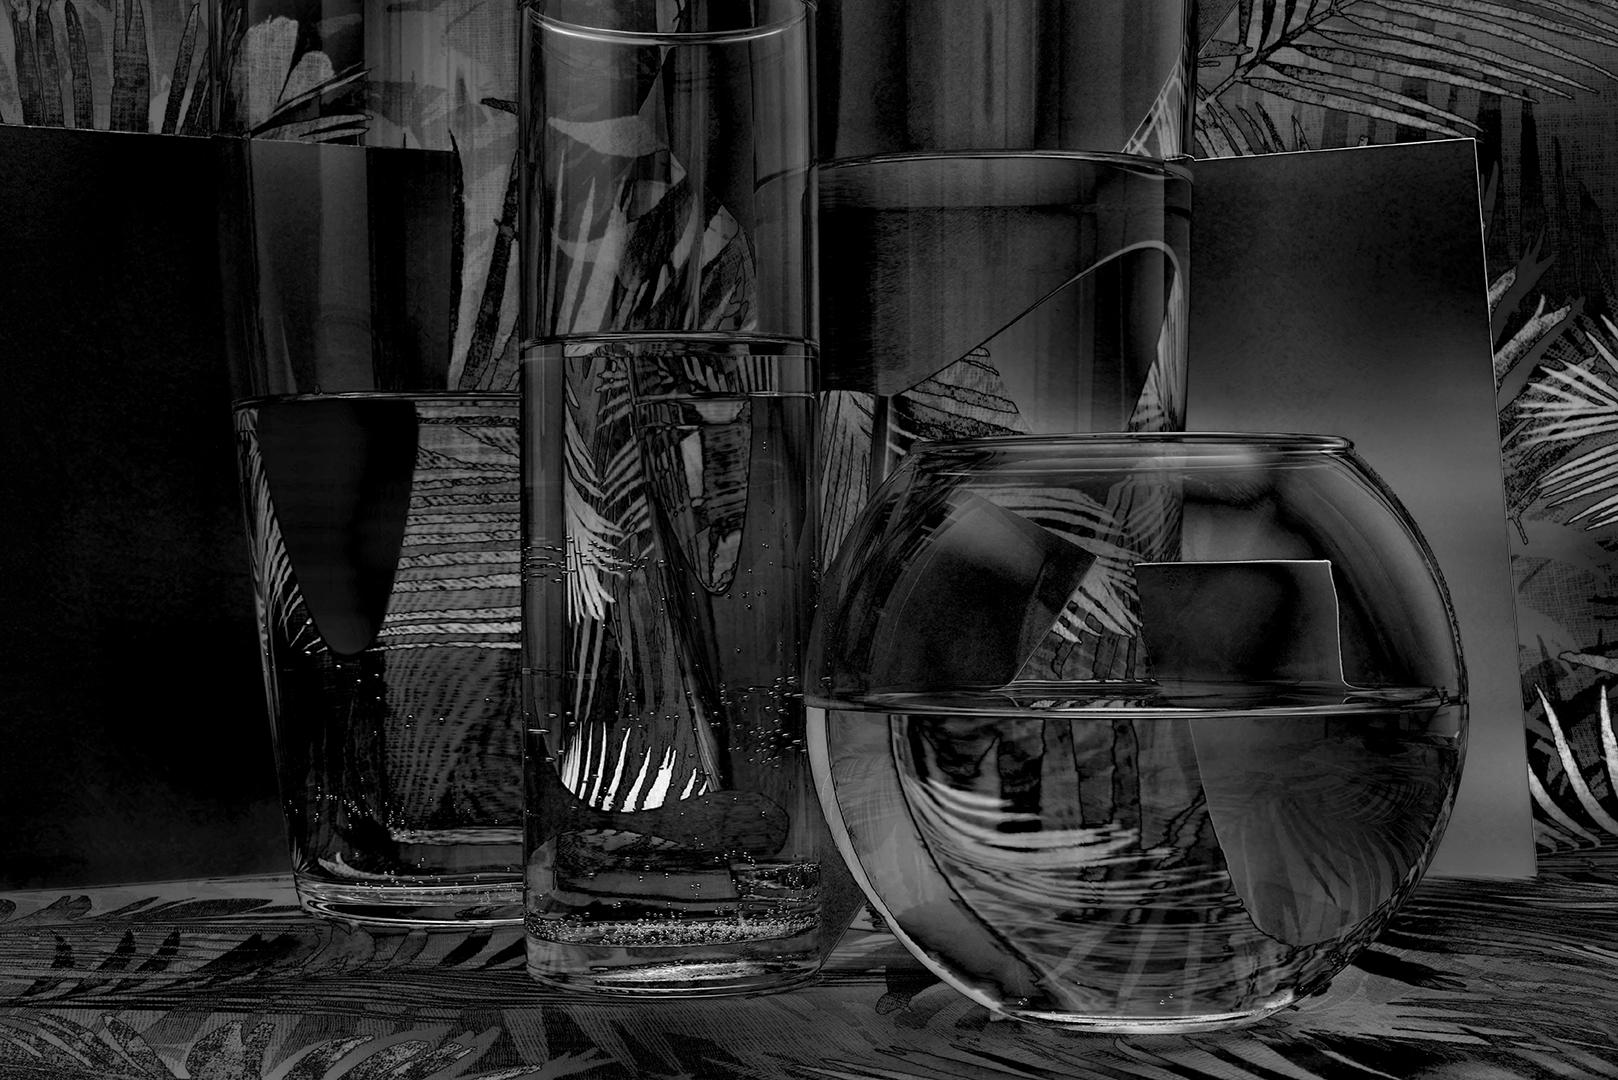 Water_6.jpg